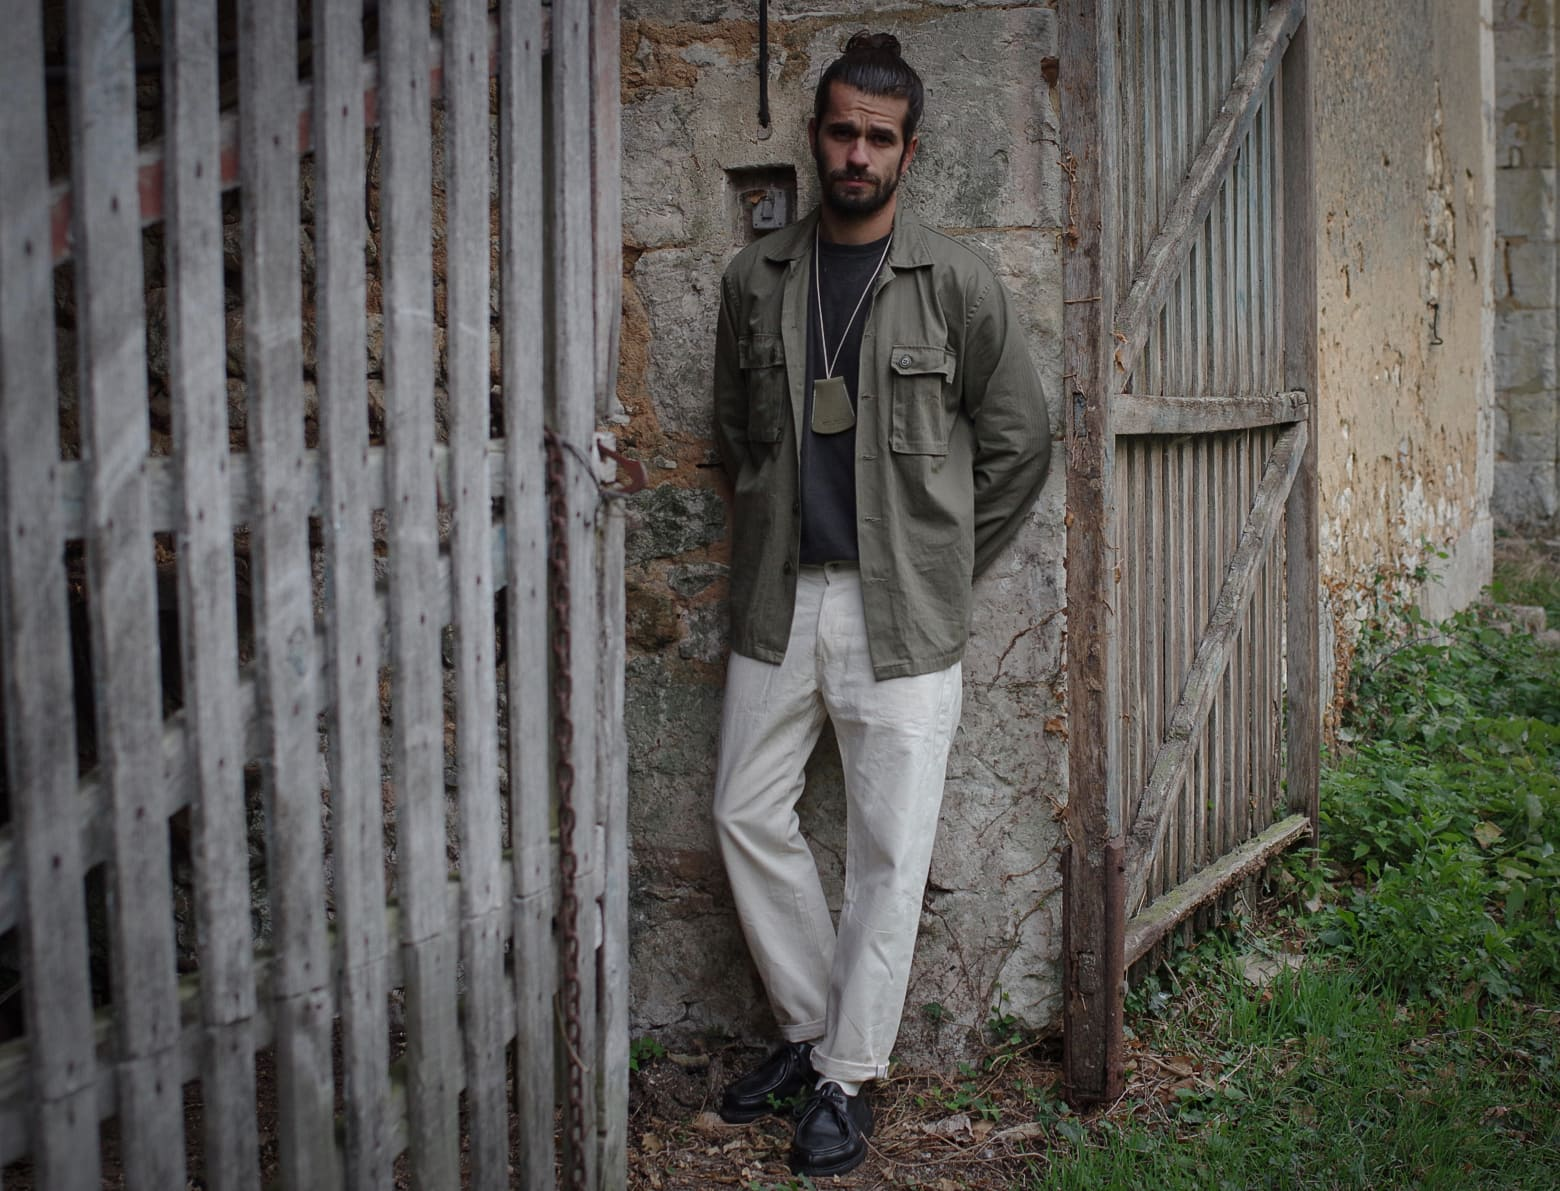 comment porter un jean blanc style homme - laperruque x brut porte-clé cloche